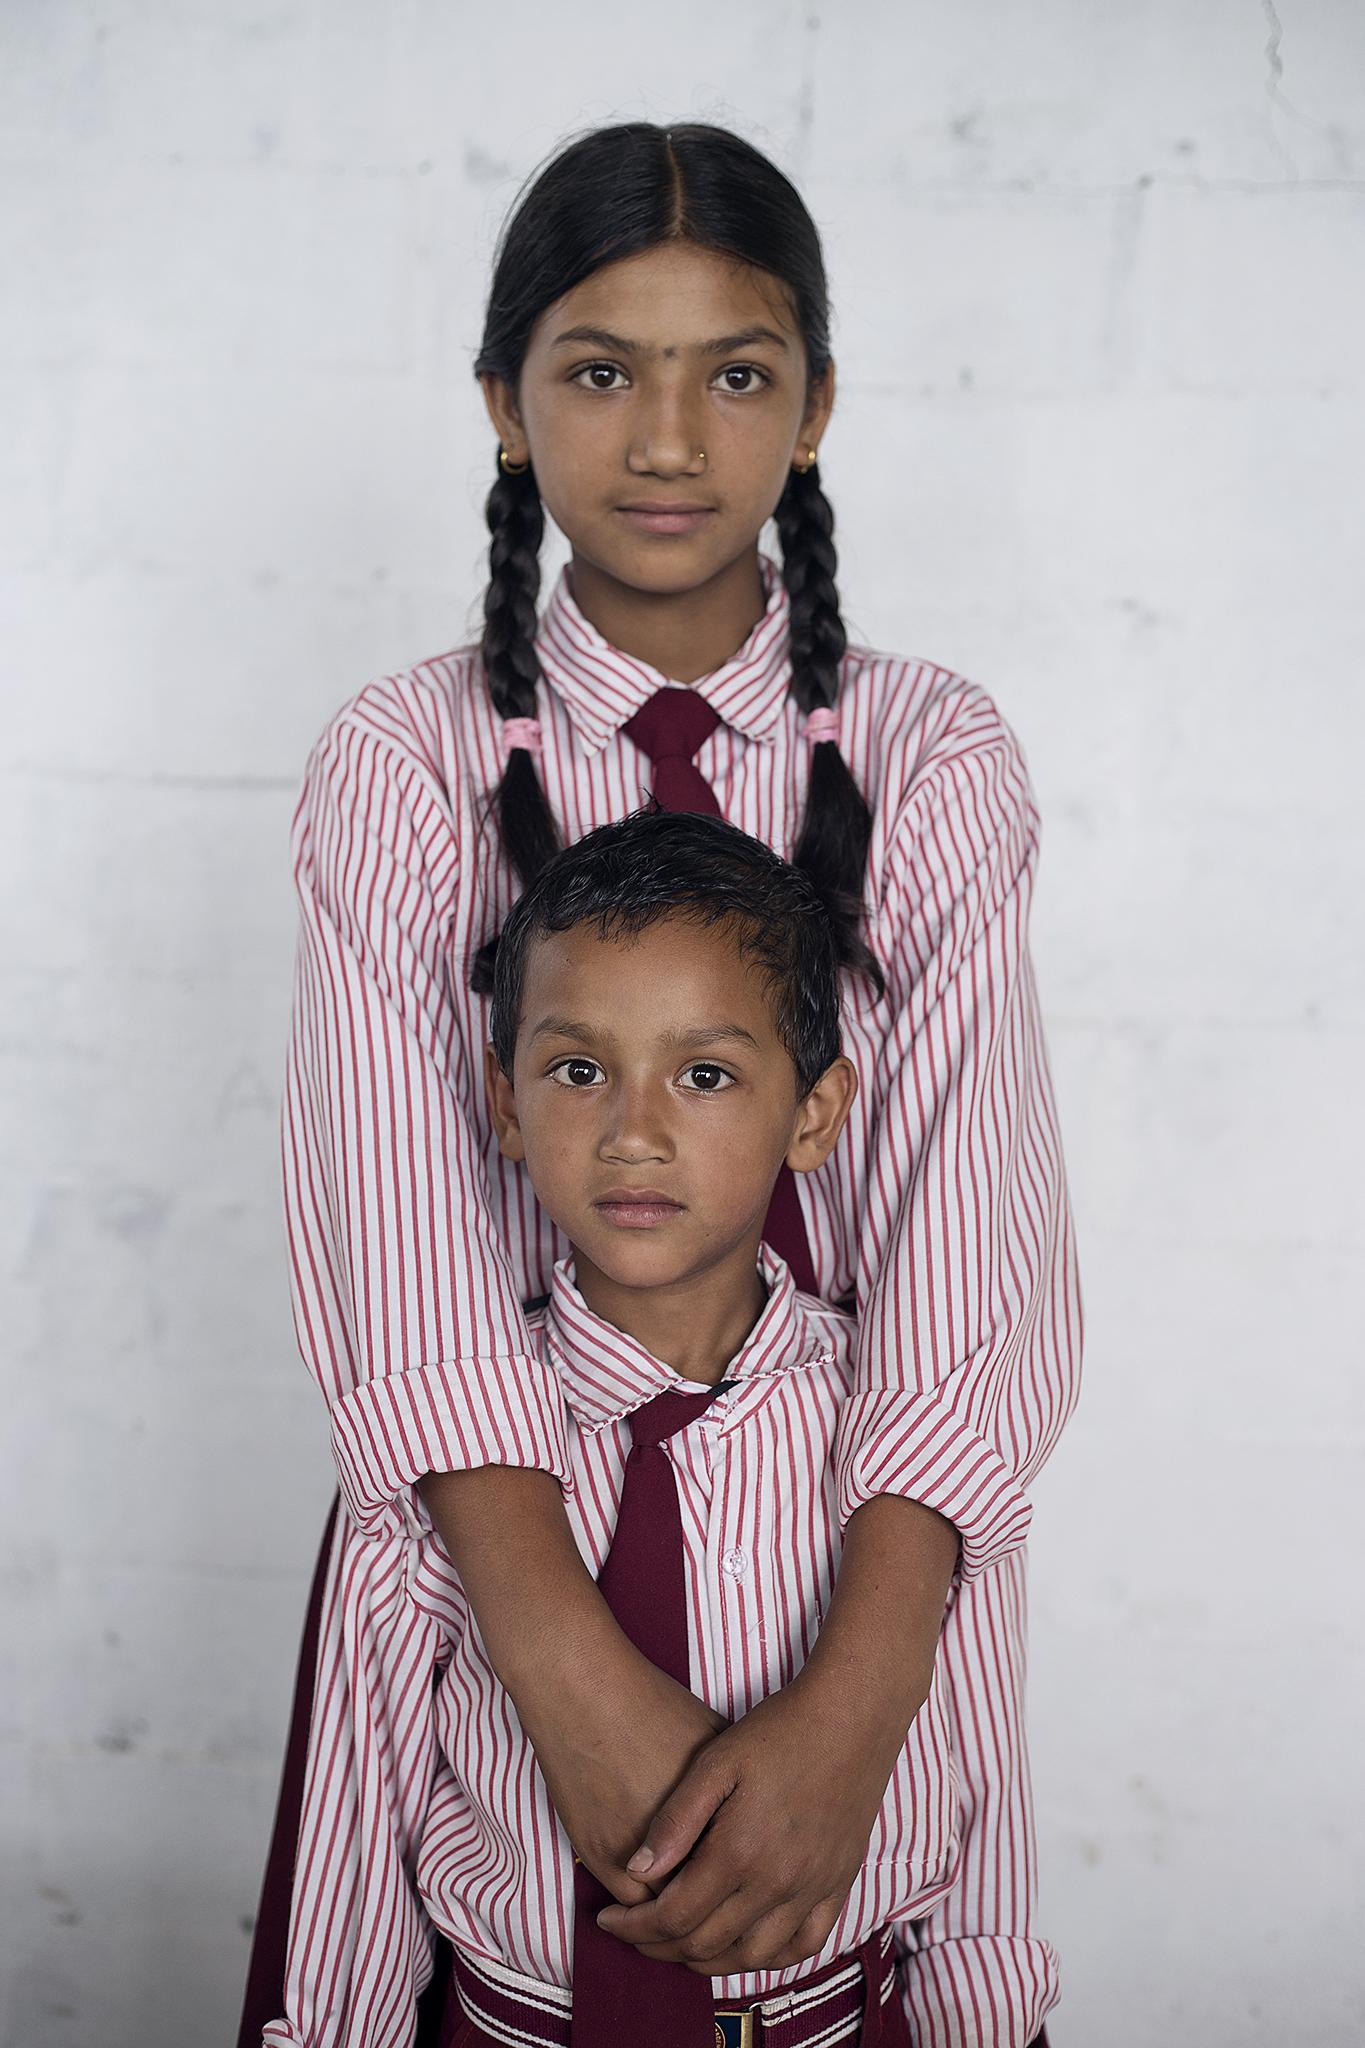 Justyna_Kielbowicz_Nepal.jpg